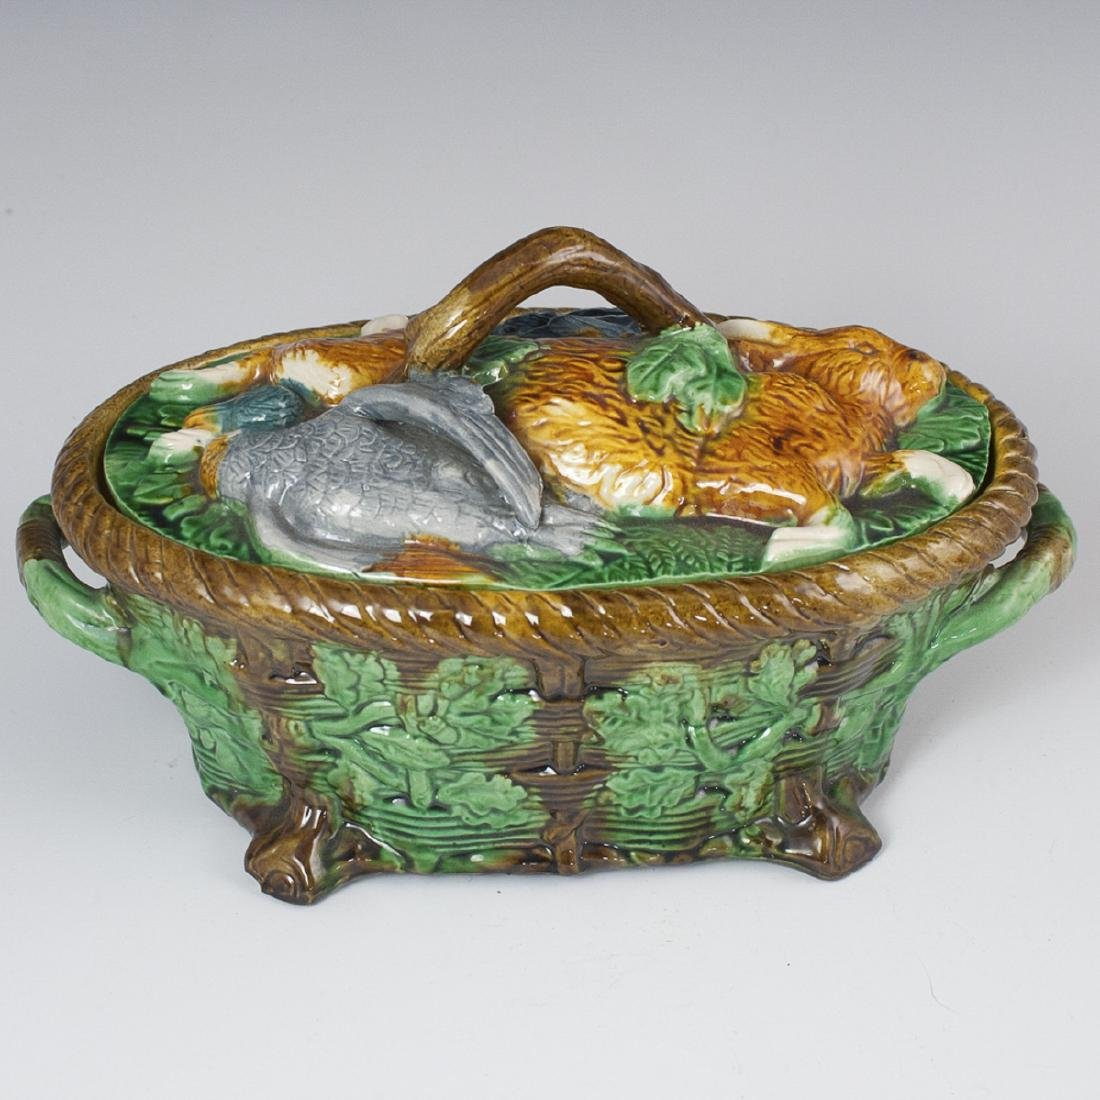 Antique George Jones Majolica Game Dish